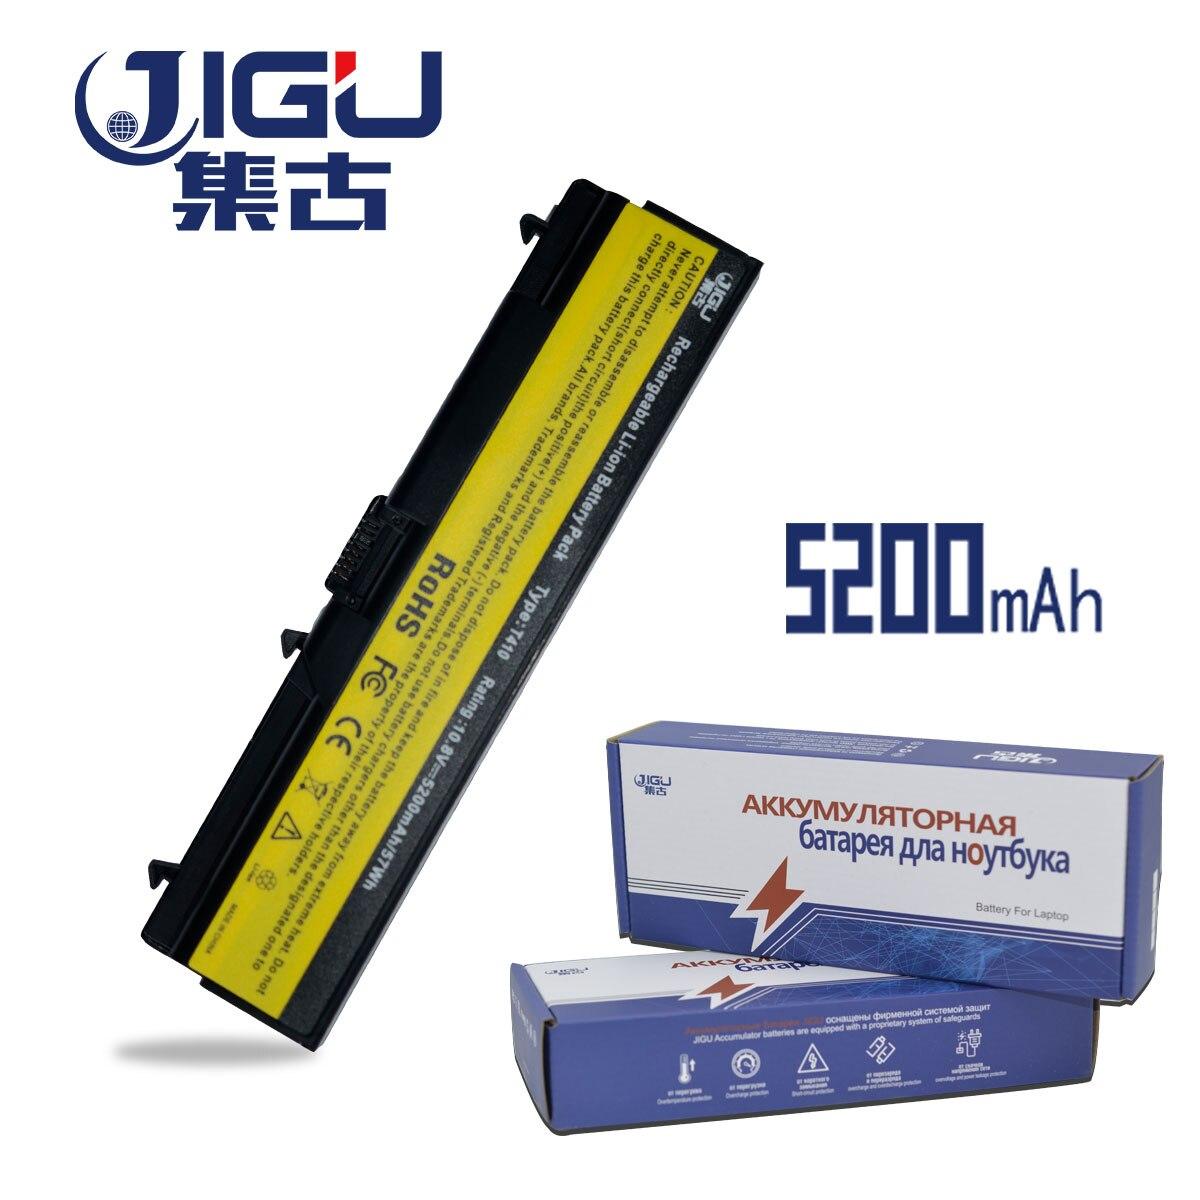 JIGU Battery For Lenovo ThinkPad Edge E40 E50 L410 L412 L420 L421 L510 L512 L520 T410 T420 T510 T520 W510 W520